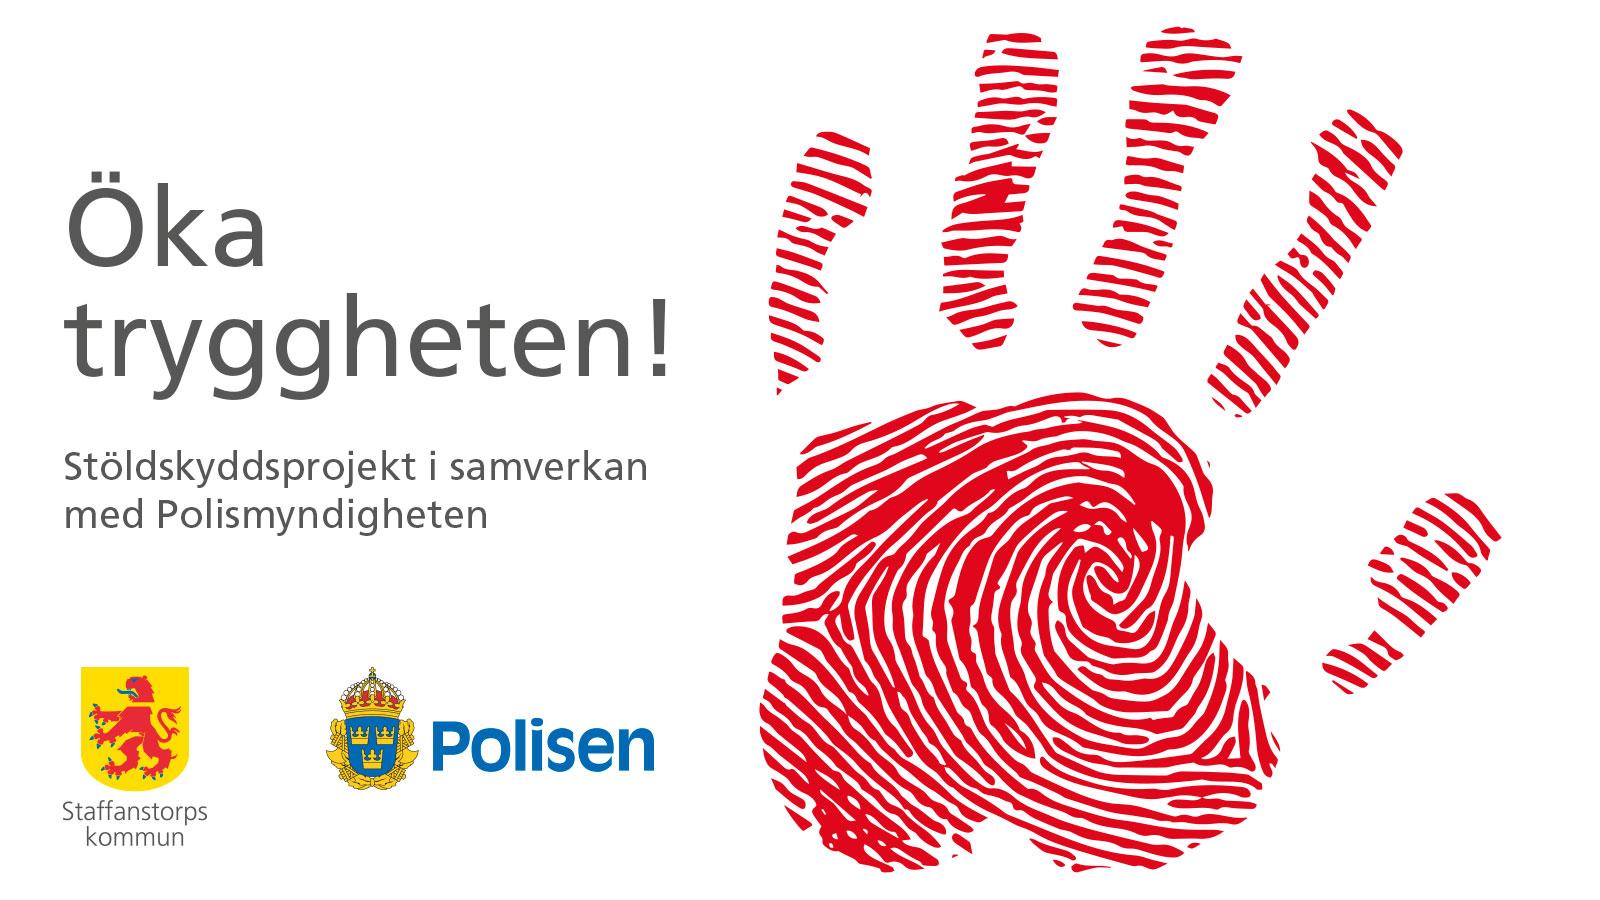 Först i södra Sverige med nytt stöldskyddsprojekt